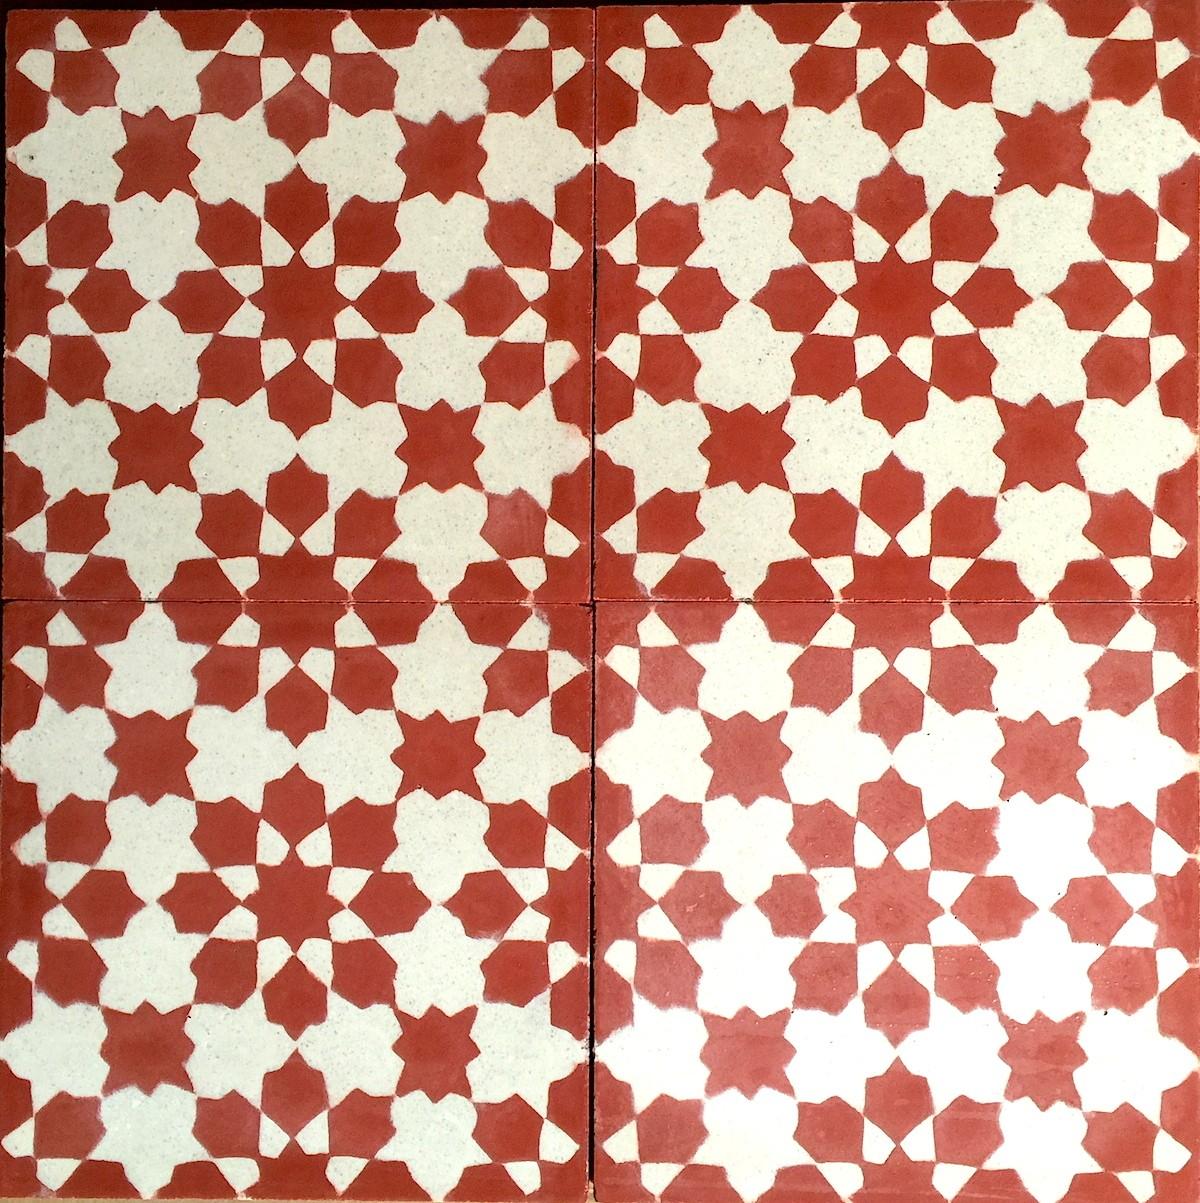 carreaux de ciment 1m2 modele prisma rouge carrelage mosaique